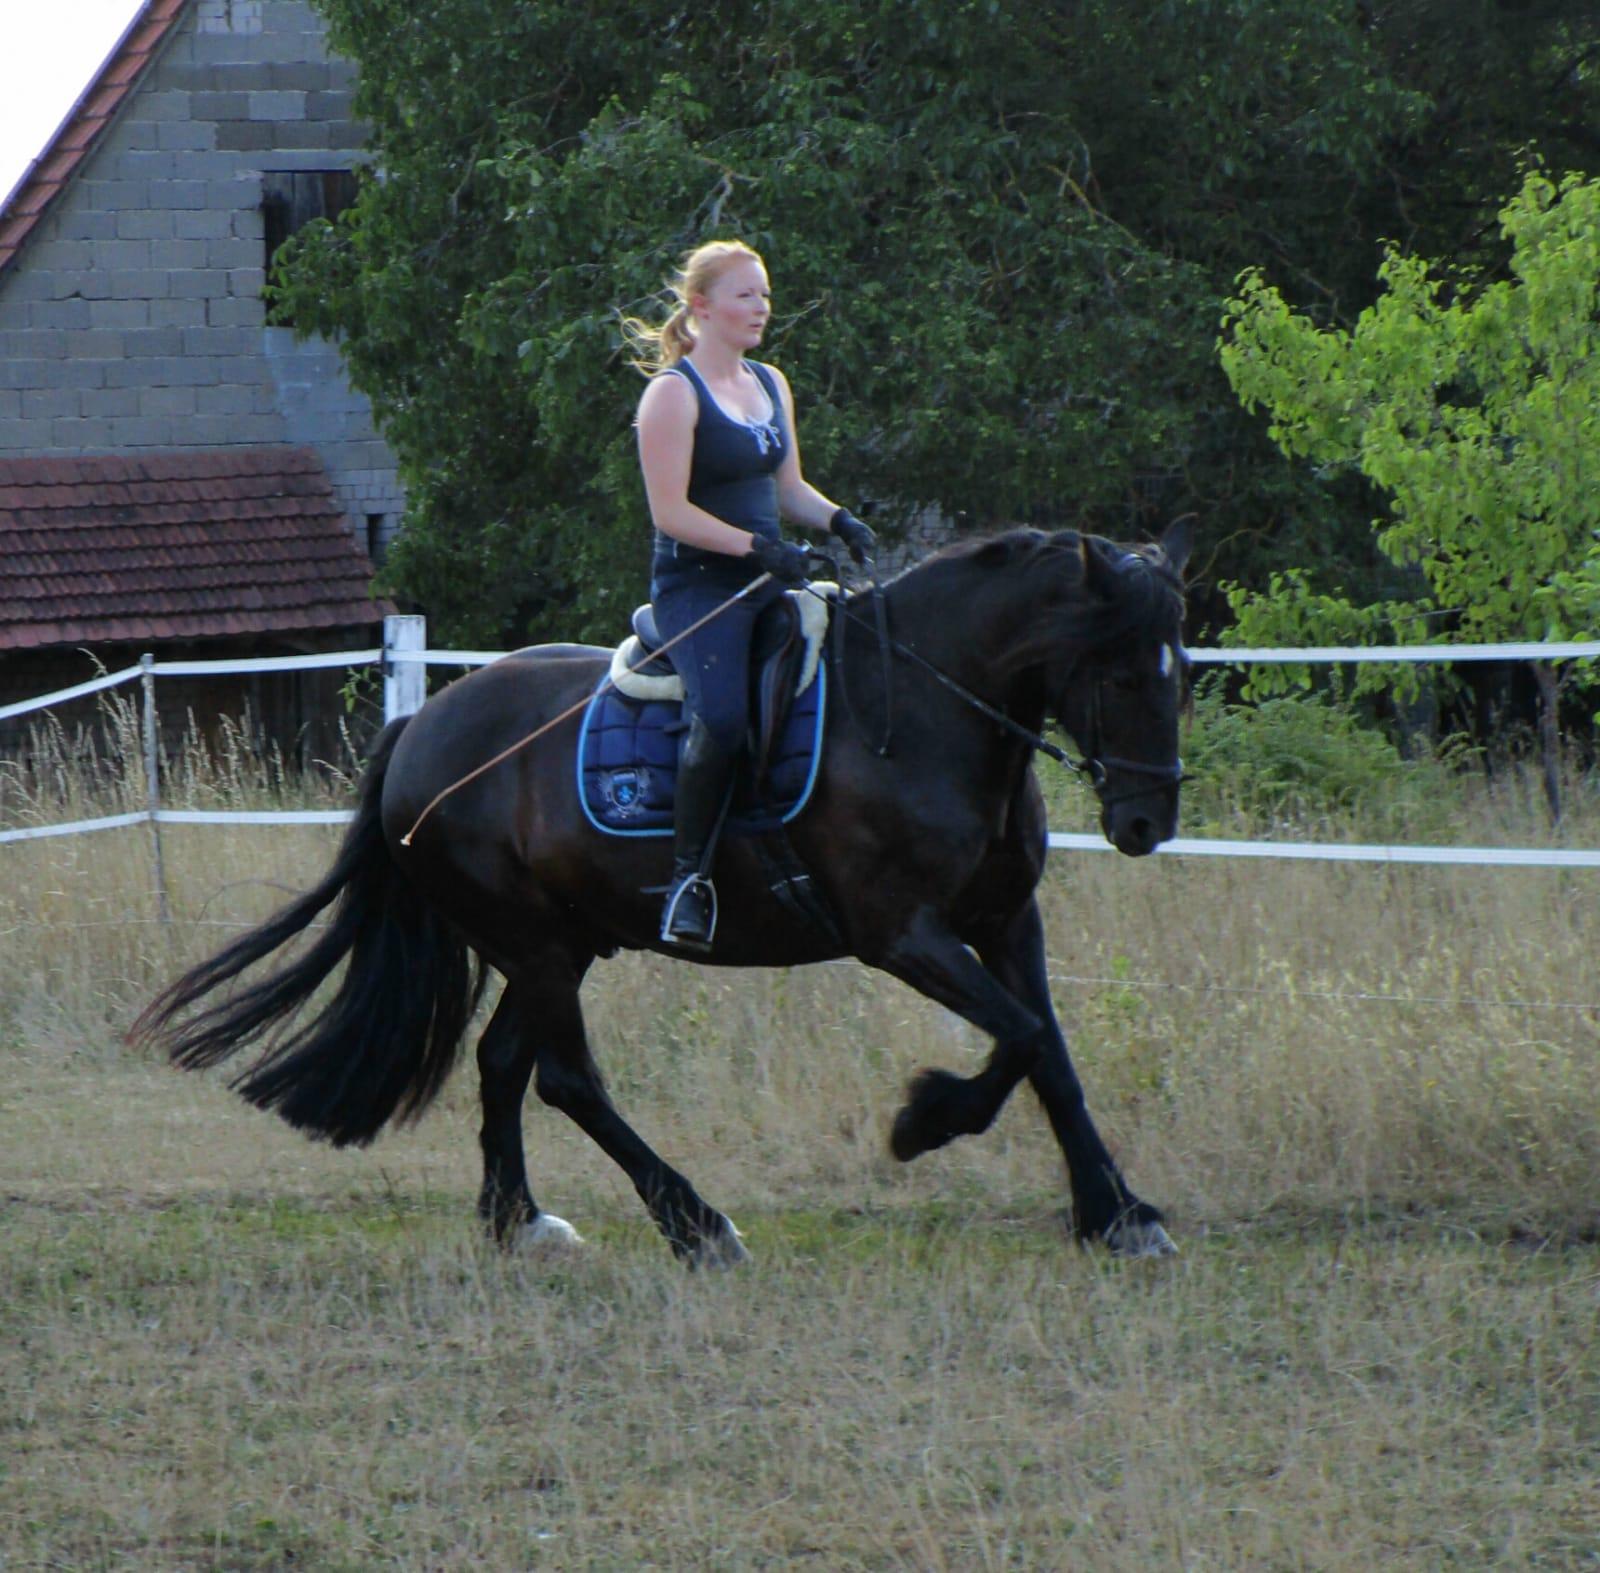 Tanja zaubert mir jedes Mal in der Reitstunde ein Lächeln ins Gesicht und meinem Pferd ein zufriedenes Abschnauben. Durch die feinen Hilfen, die sie mir zeigt, kann ich mein Pferd noch besser gymnastizieren. Jede Reitstunde ist eine Empfehlung wert.